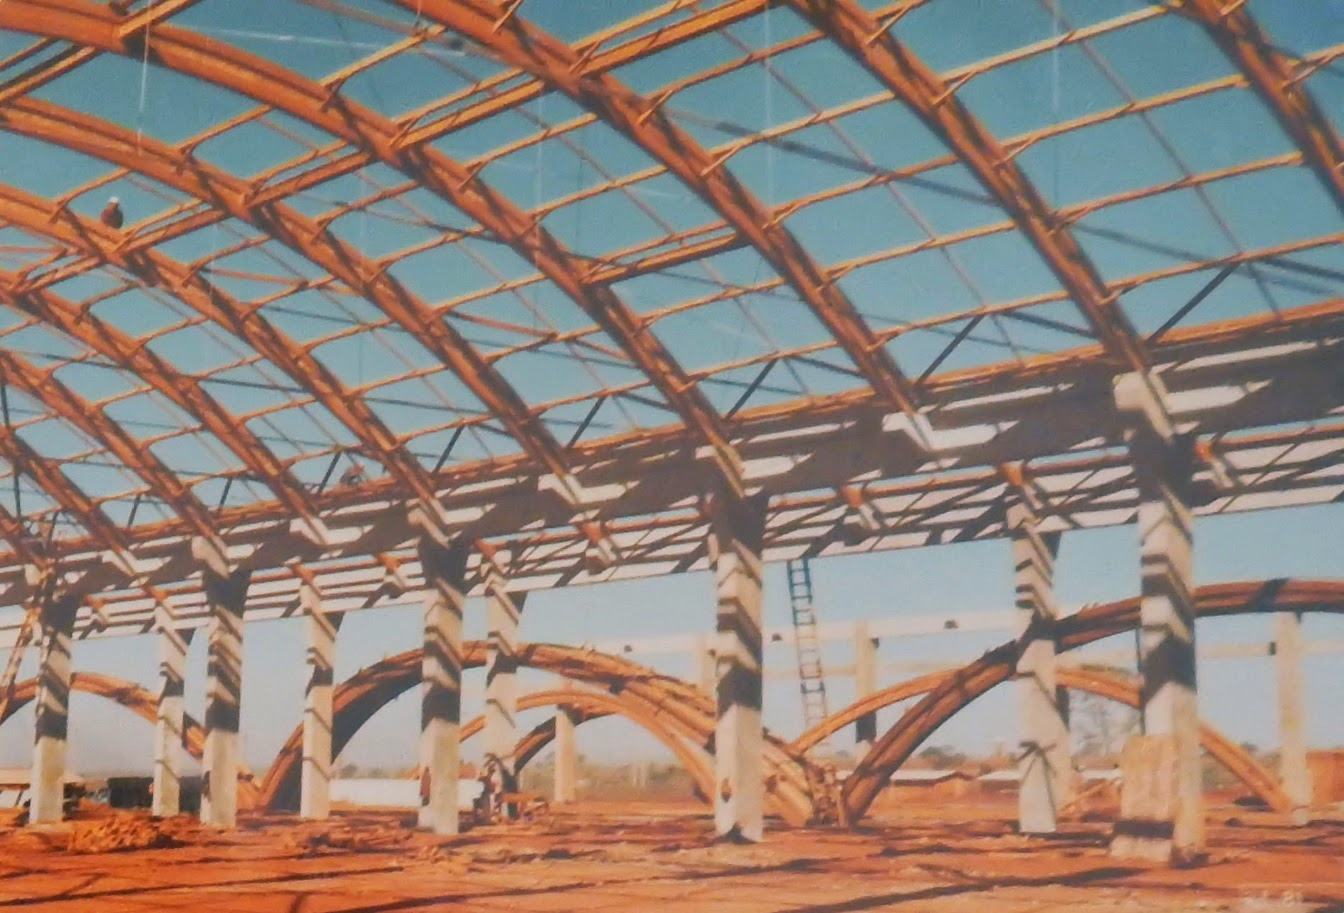 Construção da fábrica da Quimbrasil em Uberaba, Minas Gerais.